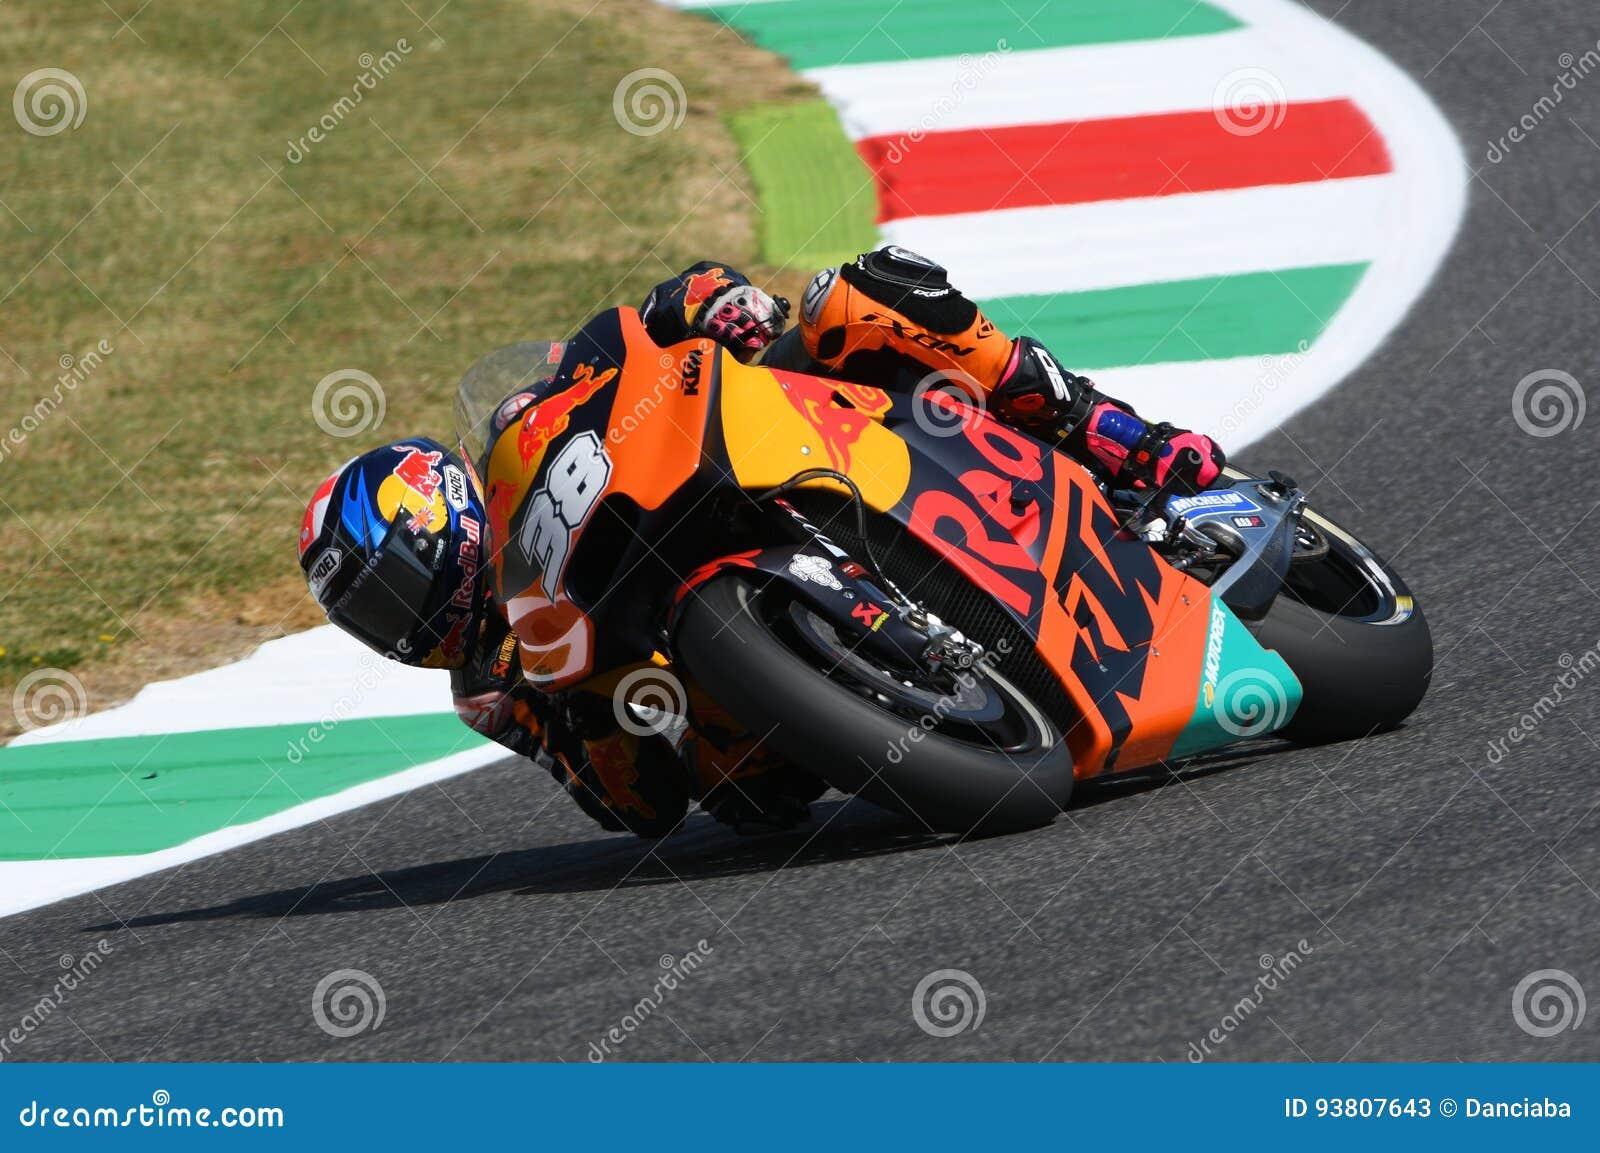 d4ccb402d6 Mugello - ITALIA, el 3 de junio: Jinete británico Bradley Smith de KTM  MotoGP en GP 2017 de OAKLEY de Italia de MotoGP Mugello el 3 de junio de  2017 Italia